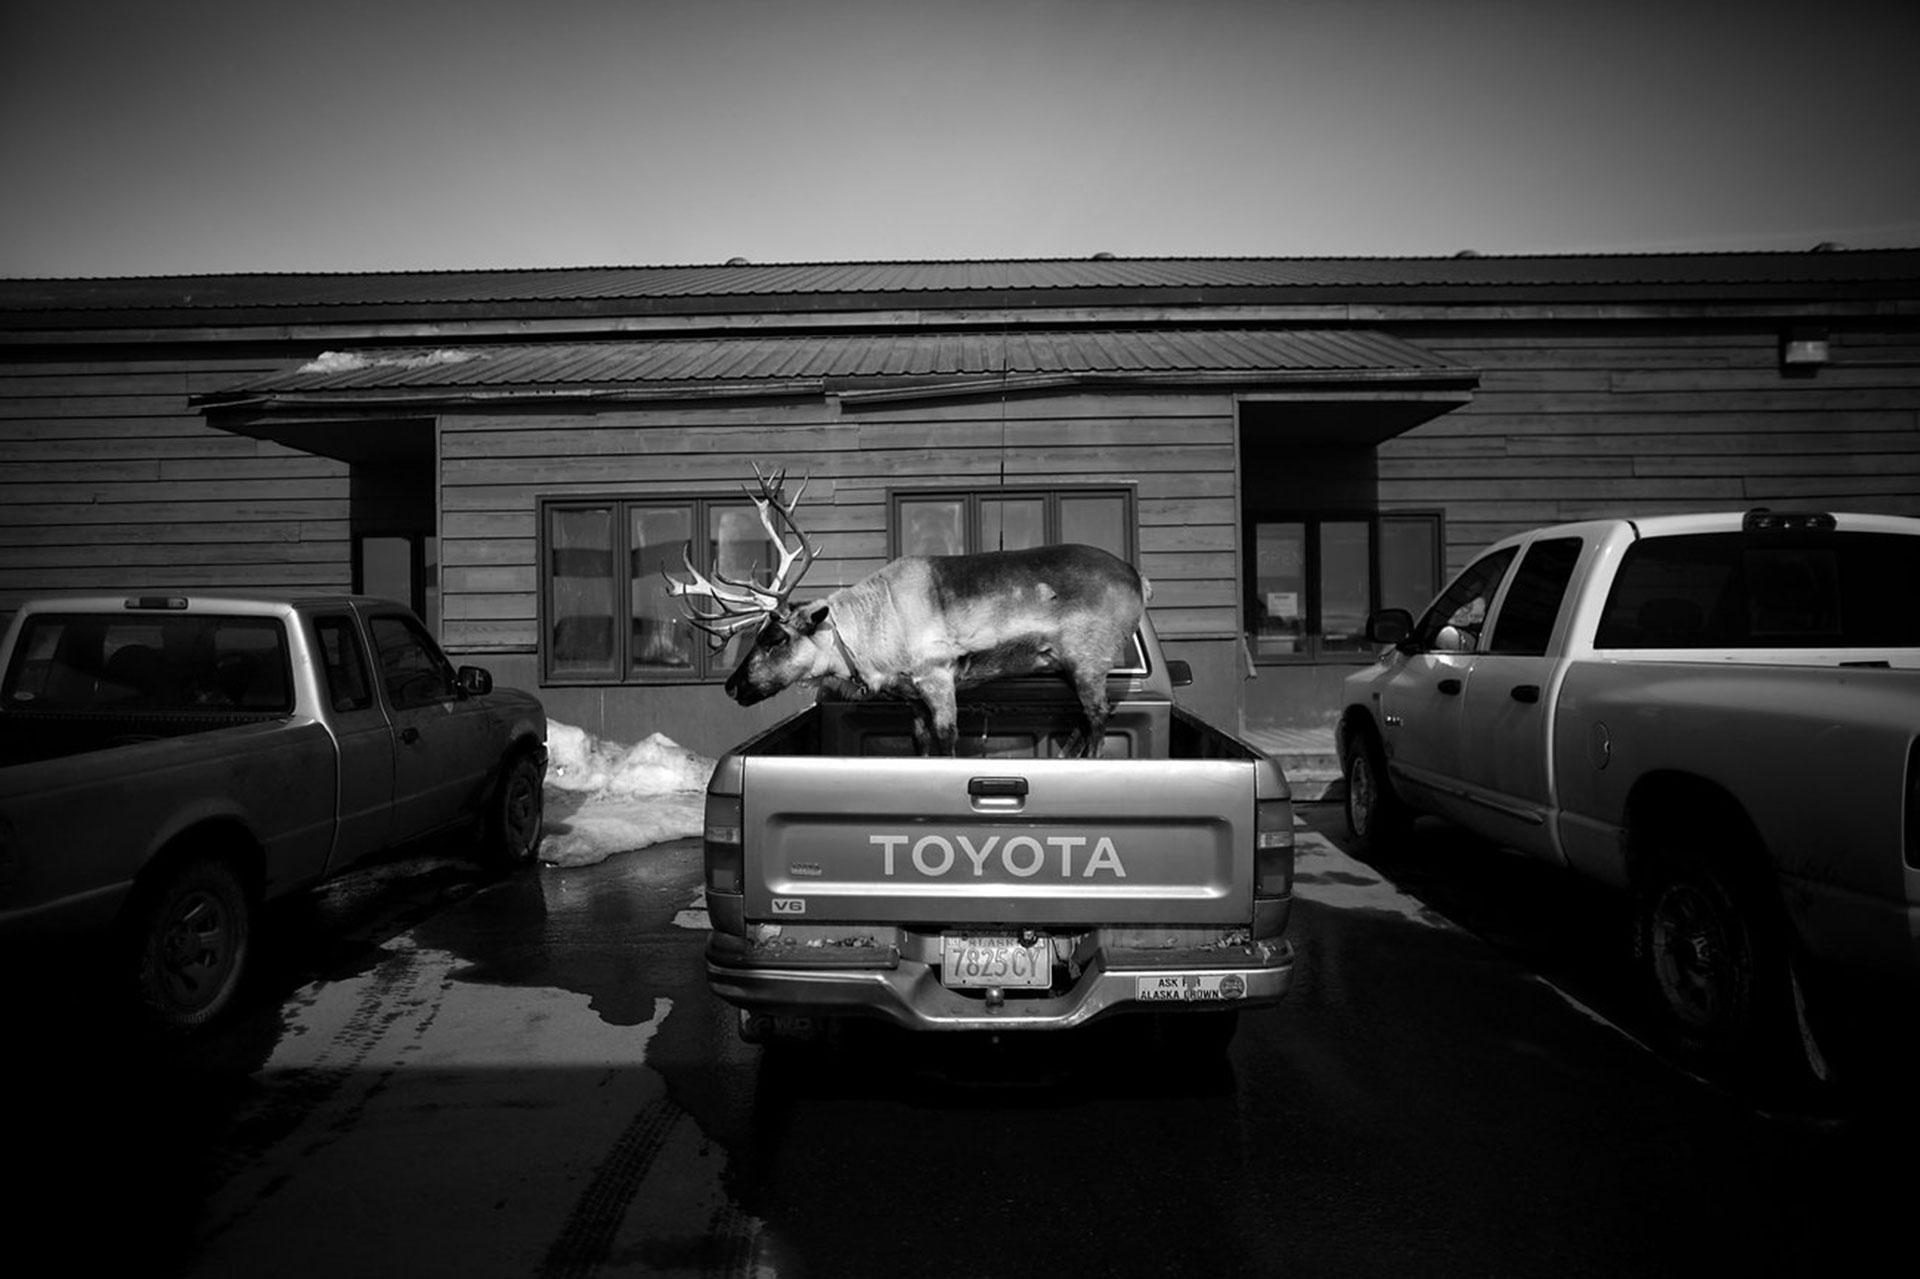 En 2013, David Gilkey visitó Alaska y capturó momentos únicos de la vida silvestre en ese recóndito estado norteameicano